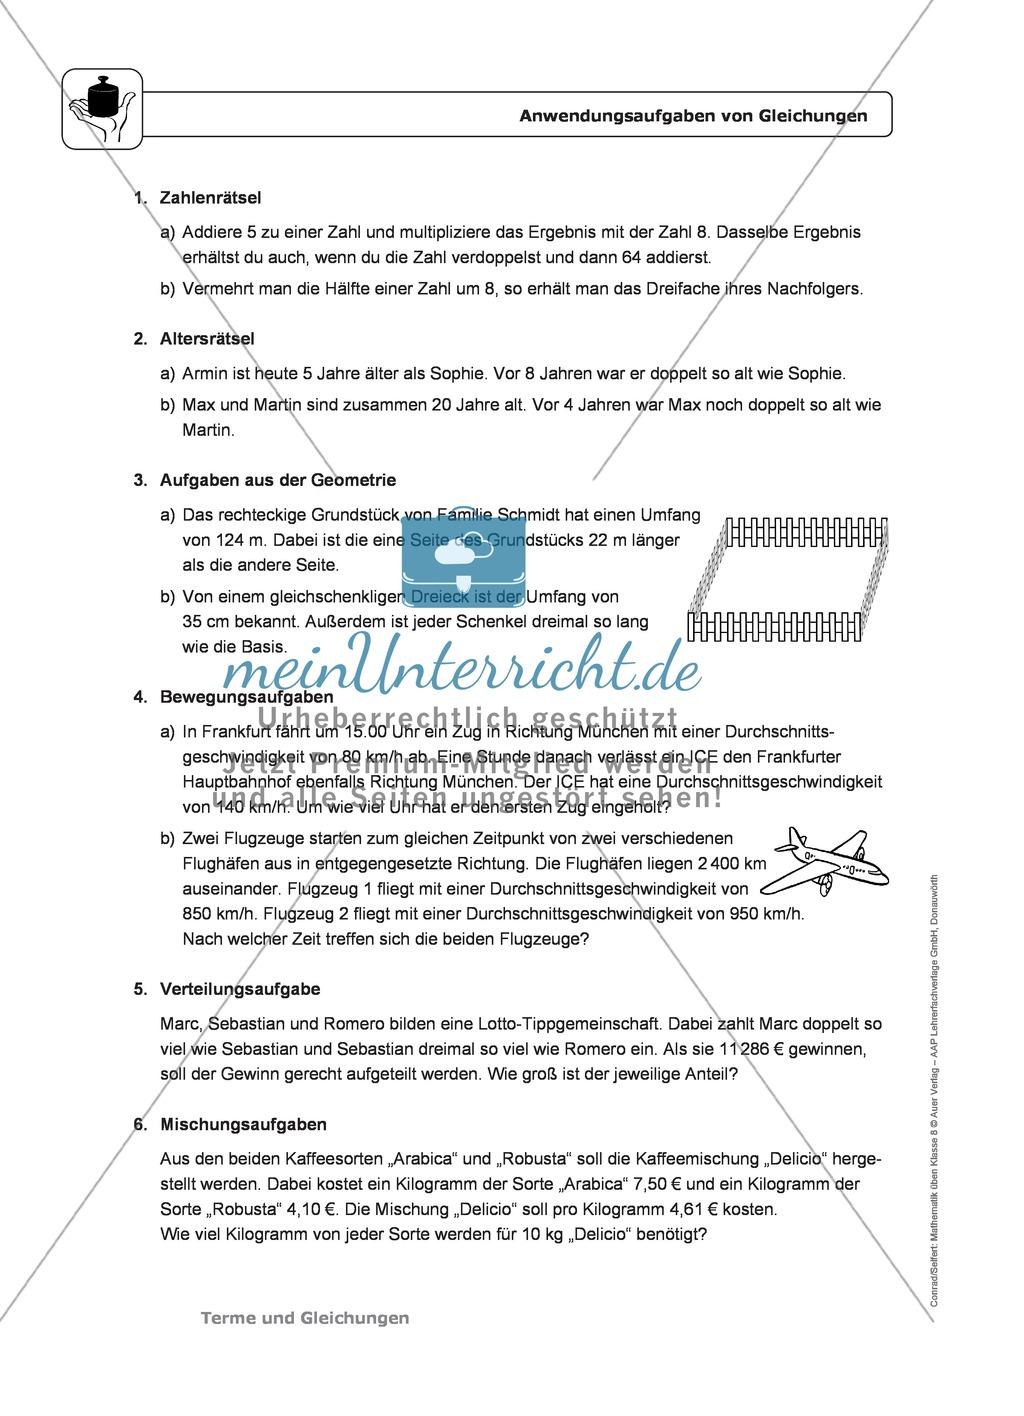 Anwendungsaufgaben und Textaufgaben von Gleichungen - meinUnterricht